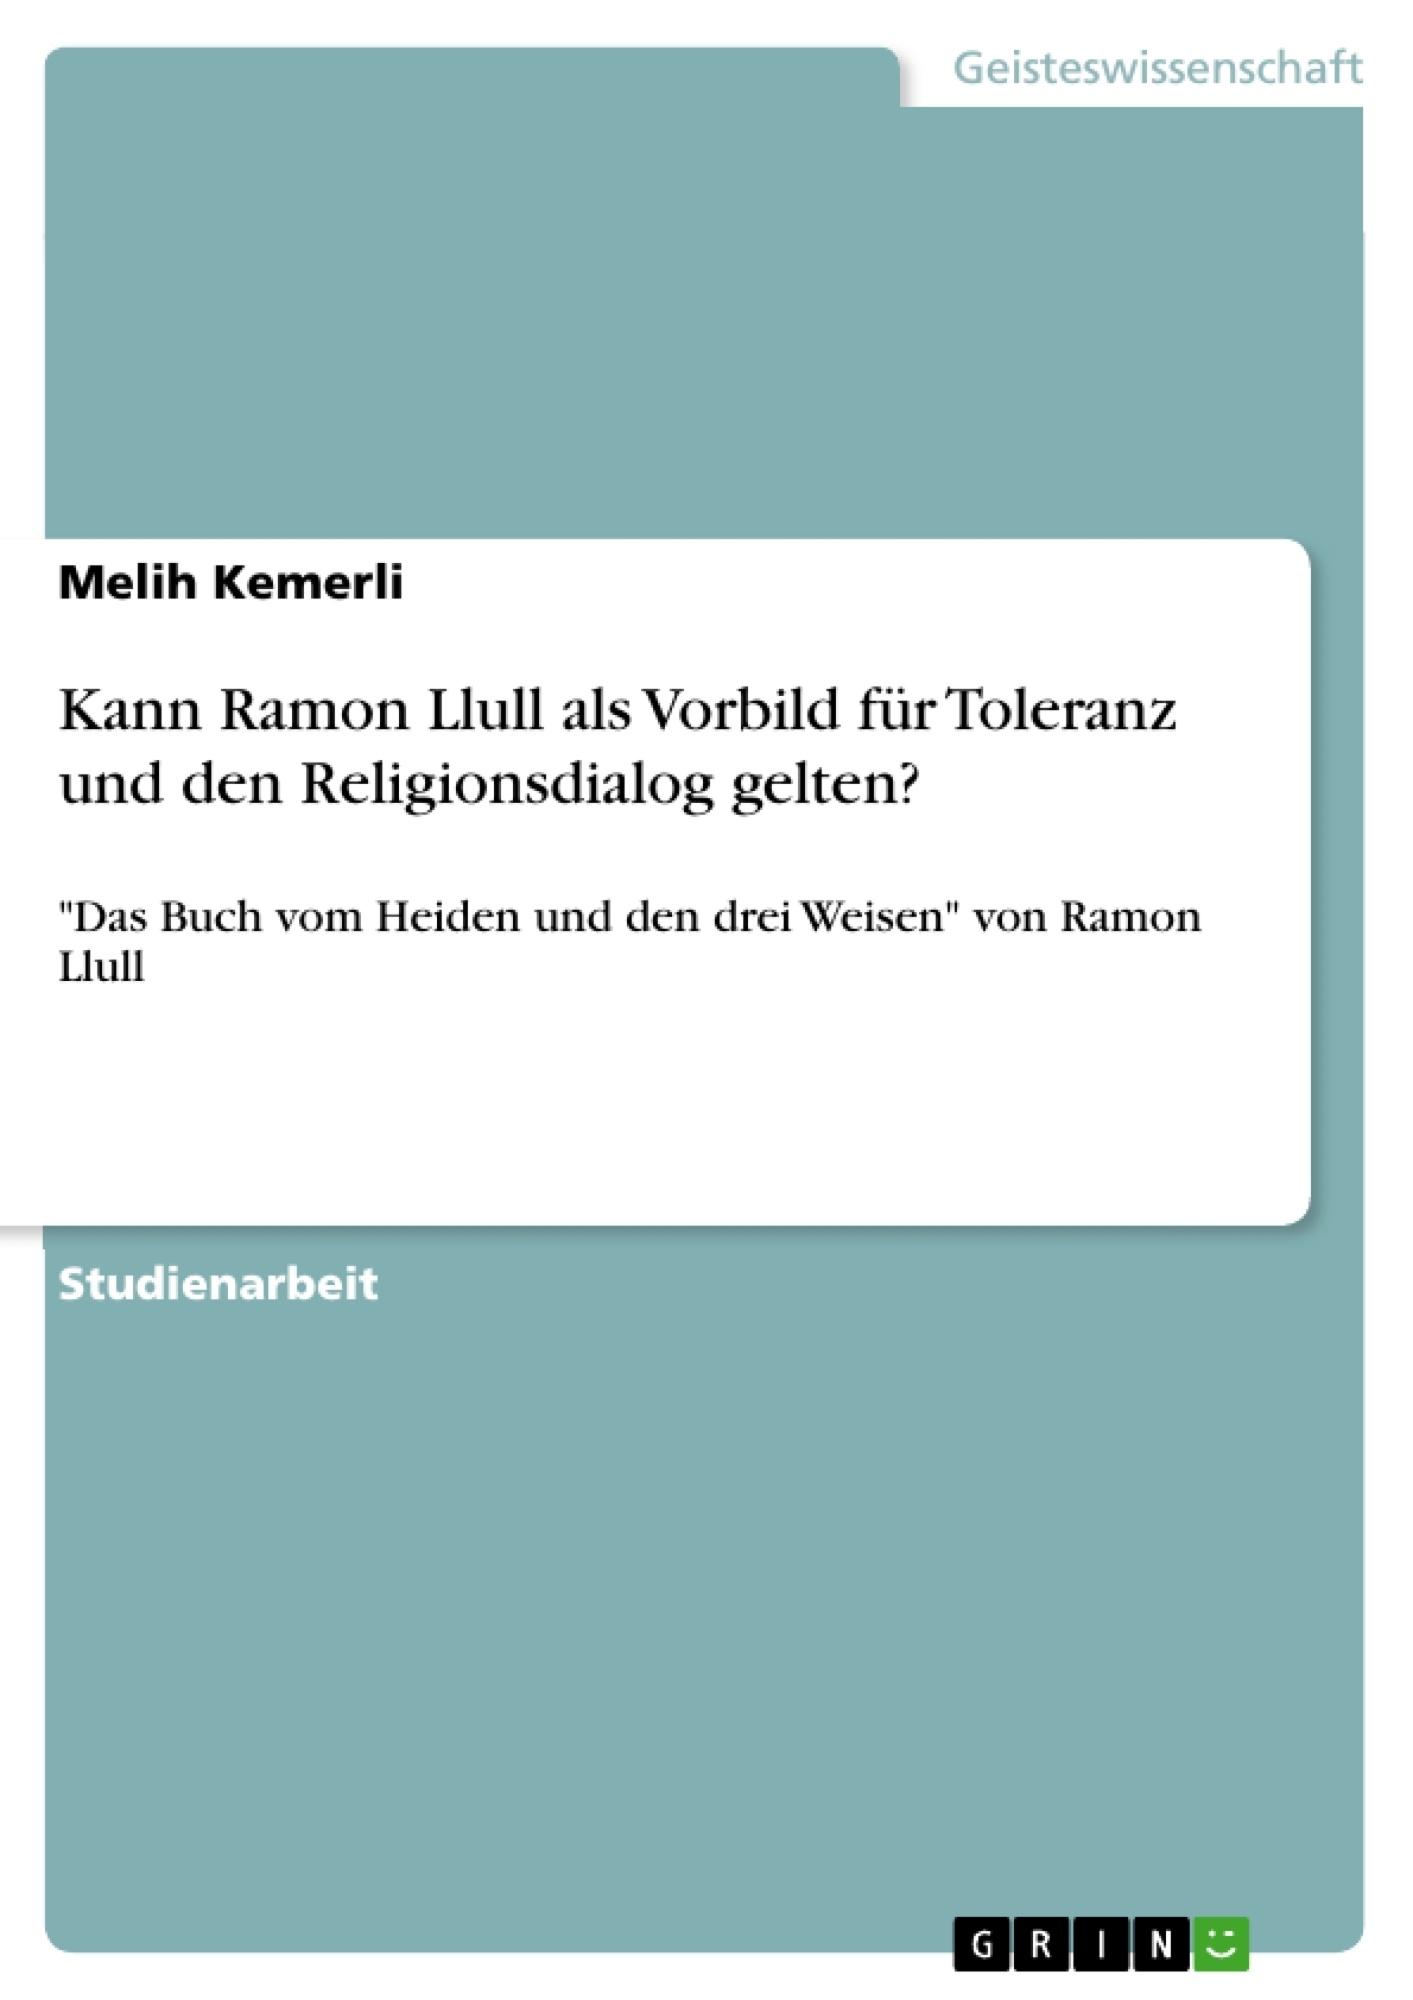 Titel: Kann Ramon Llull als Vorbild für Toleranz und den Religionsdialog gelten?